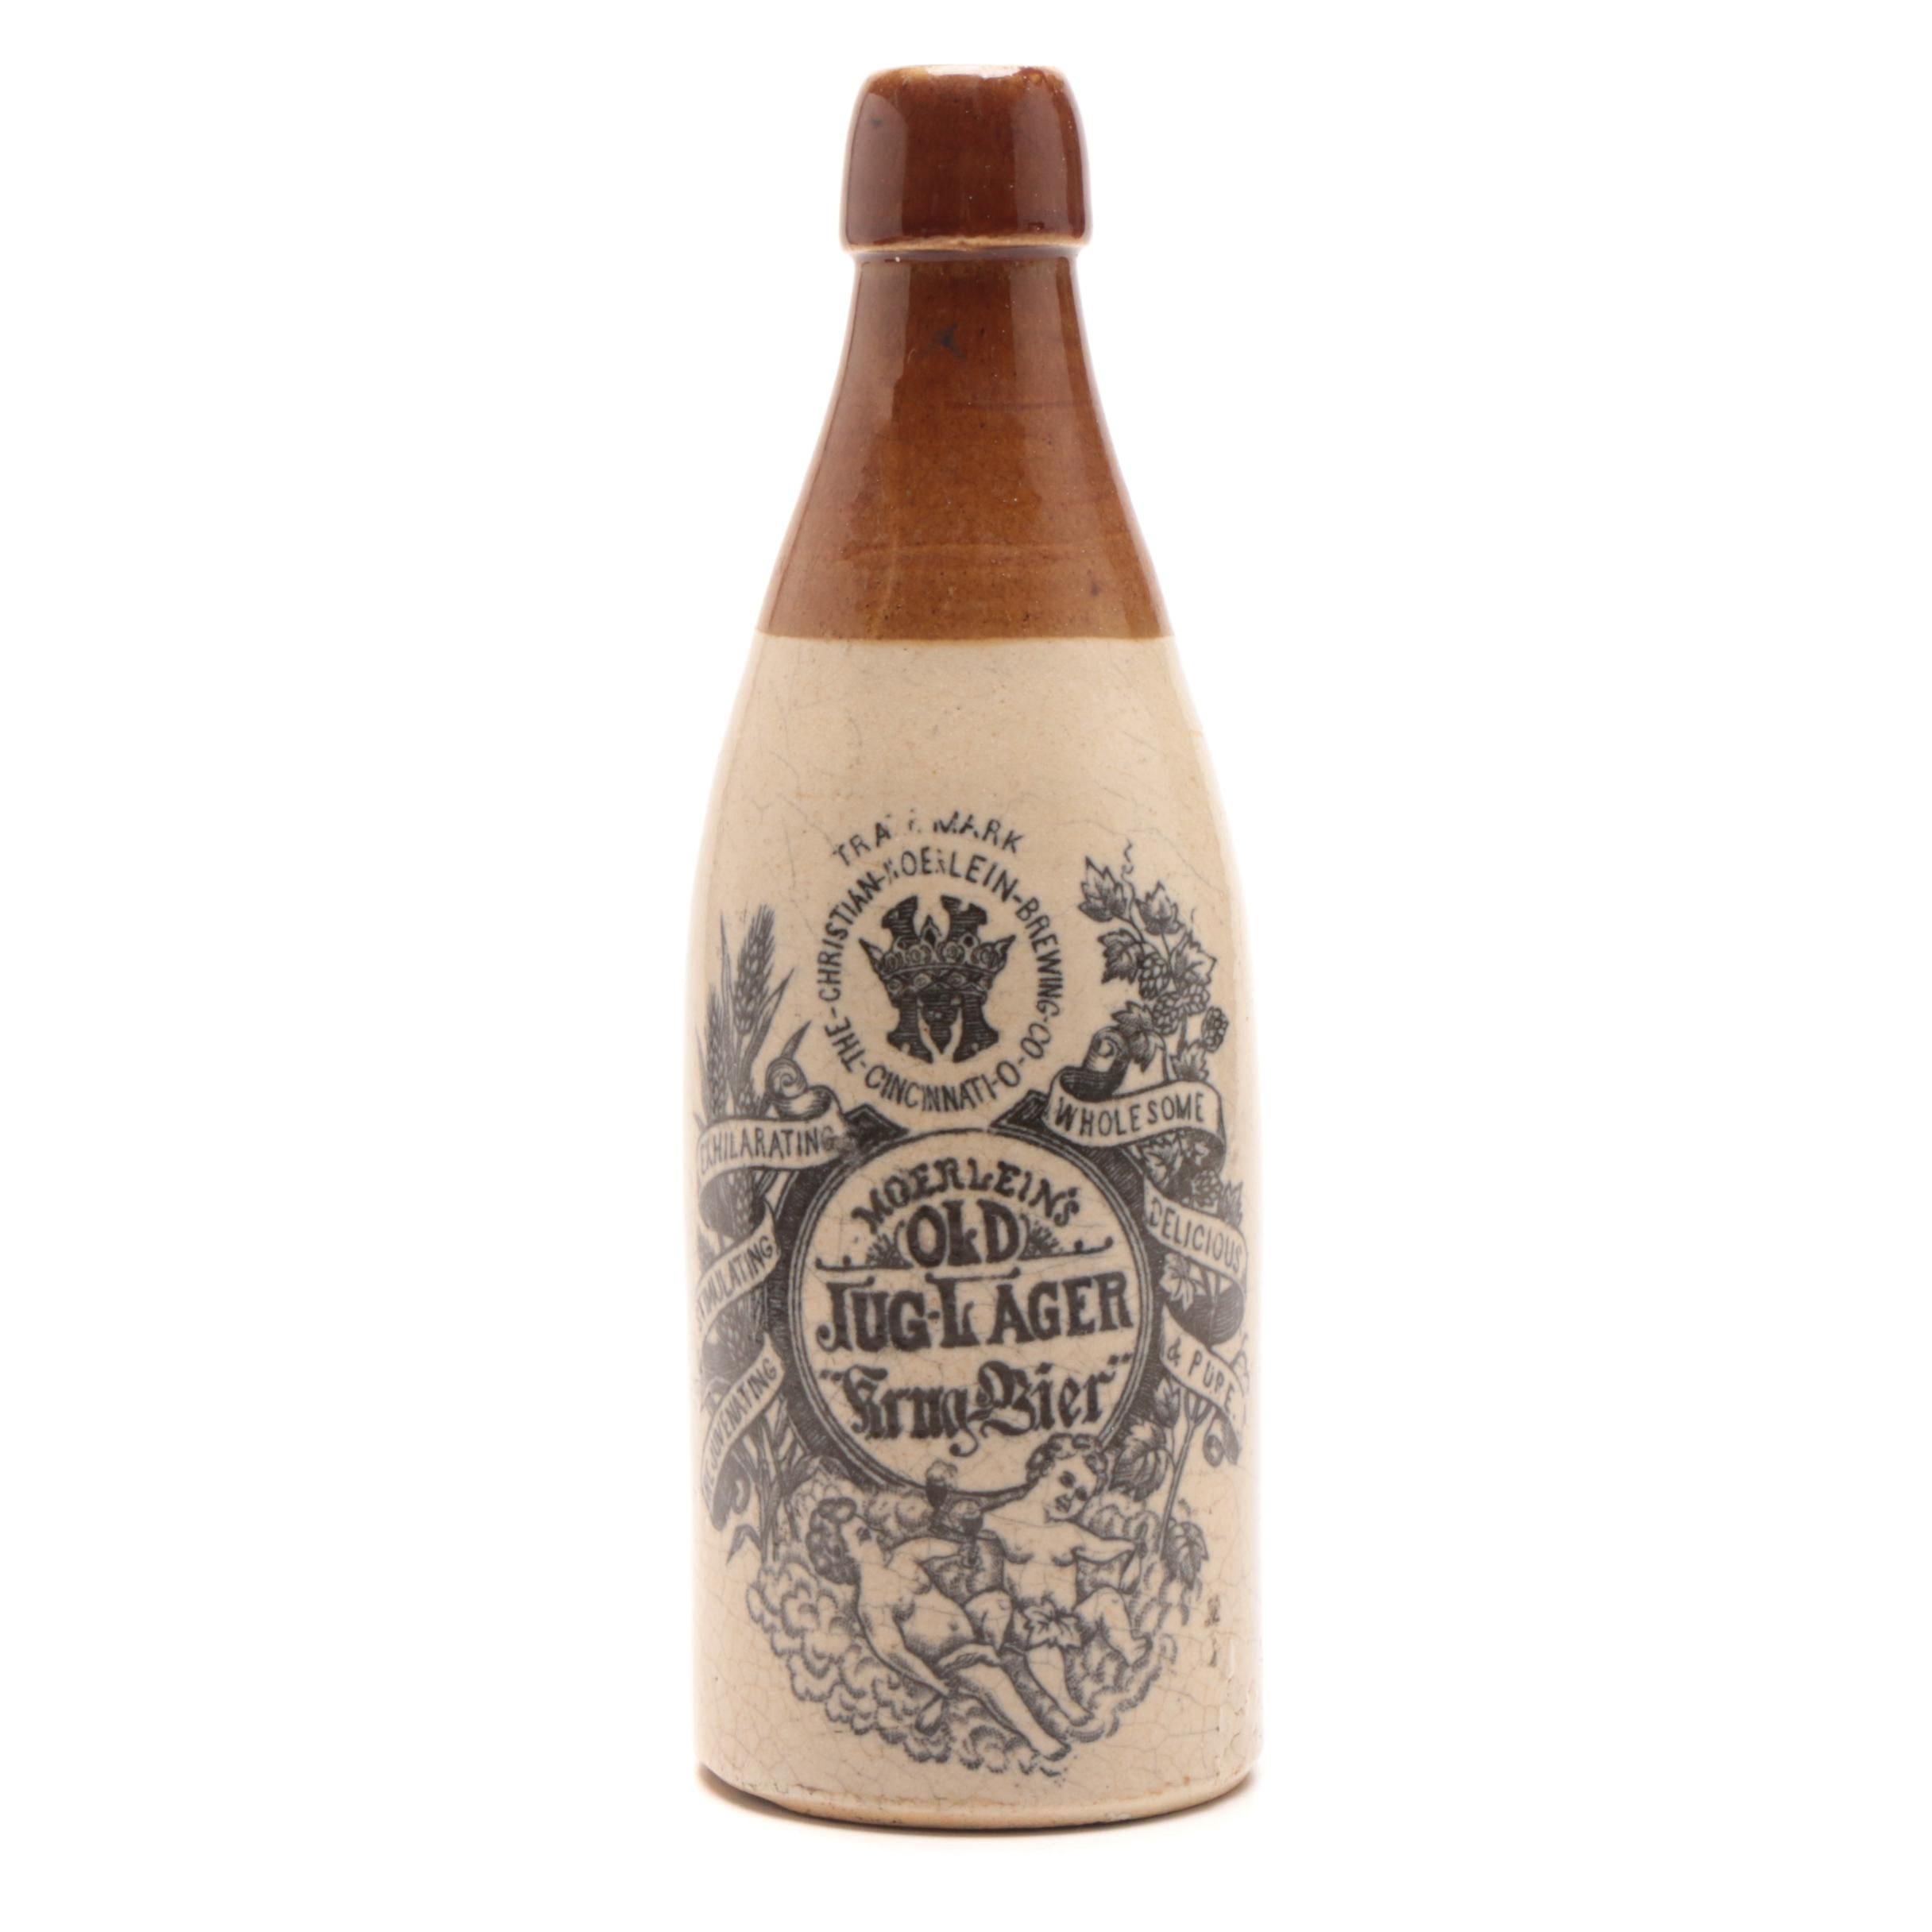 """Christian Moerlein Brewing Old Jug-Lager """"Krug Bier"""""""